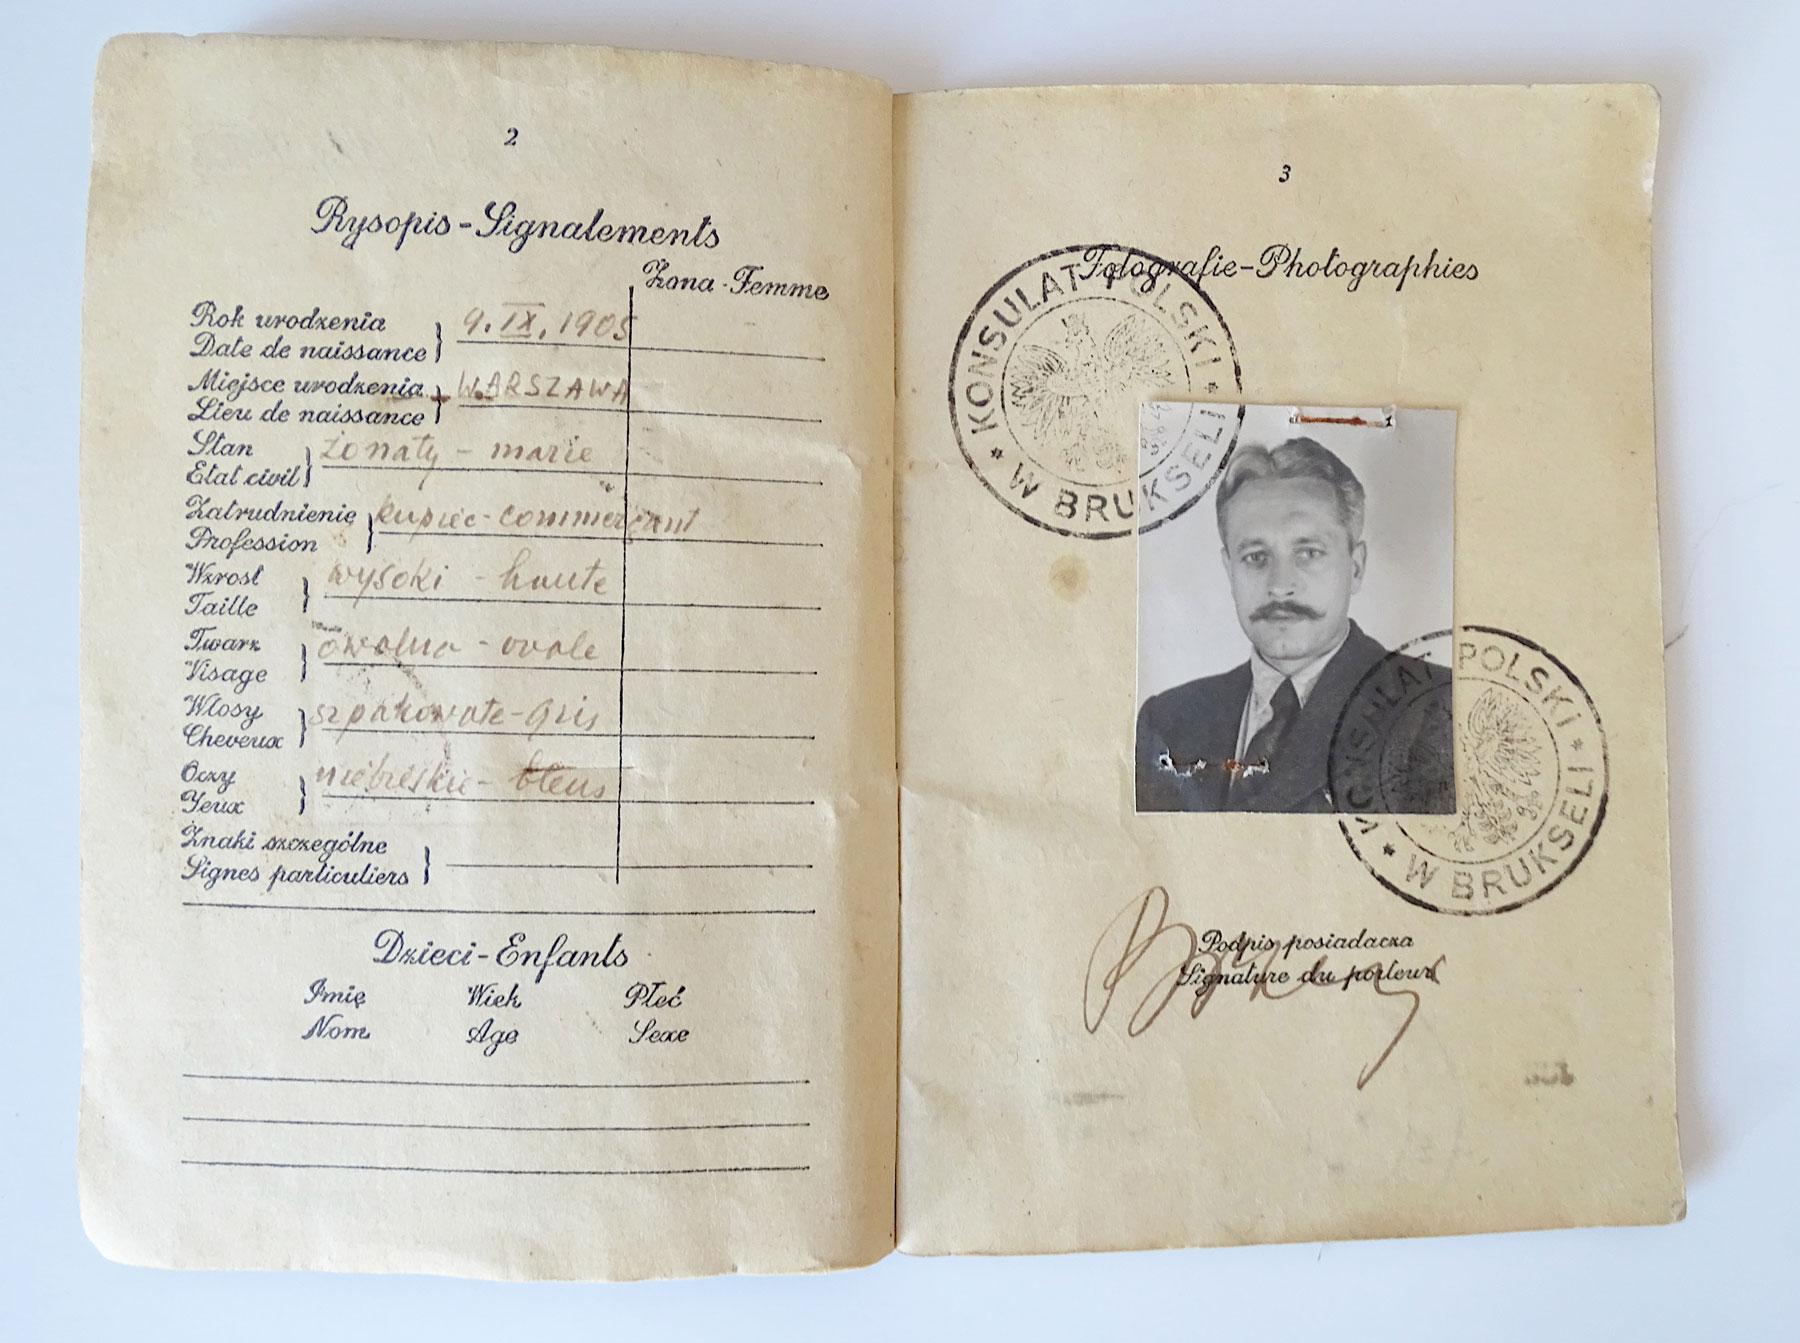 Paszport Piotra Szewczyka wystawiony na fałszywe nazwisko - Brzeg